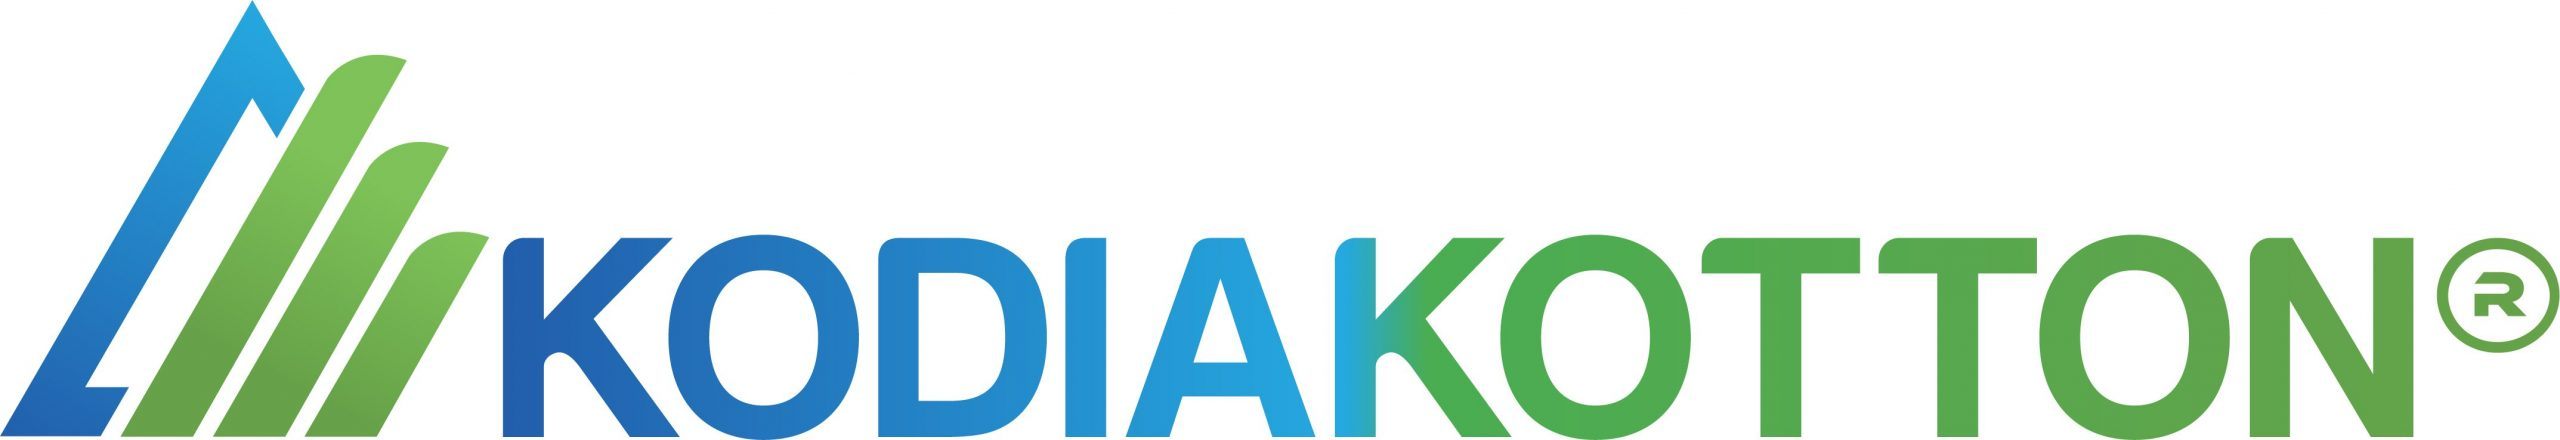 KODIAKOTTON logo